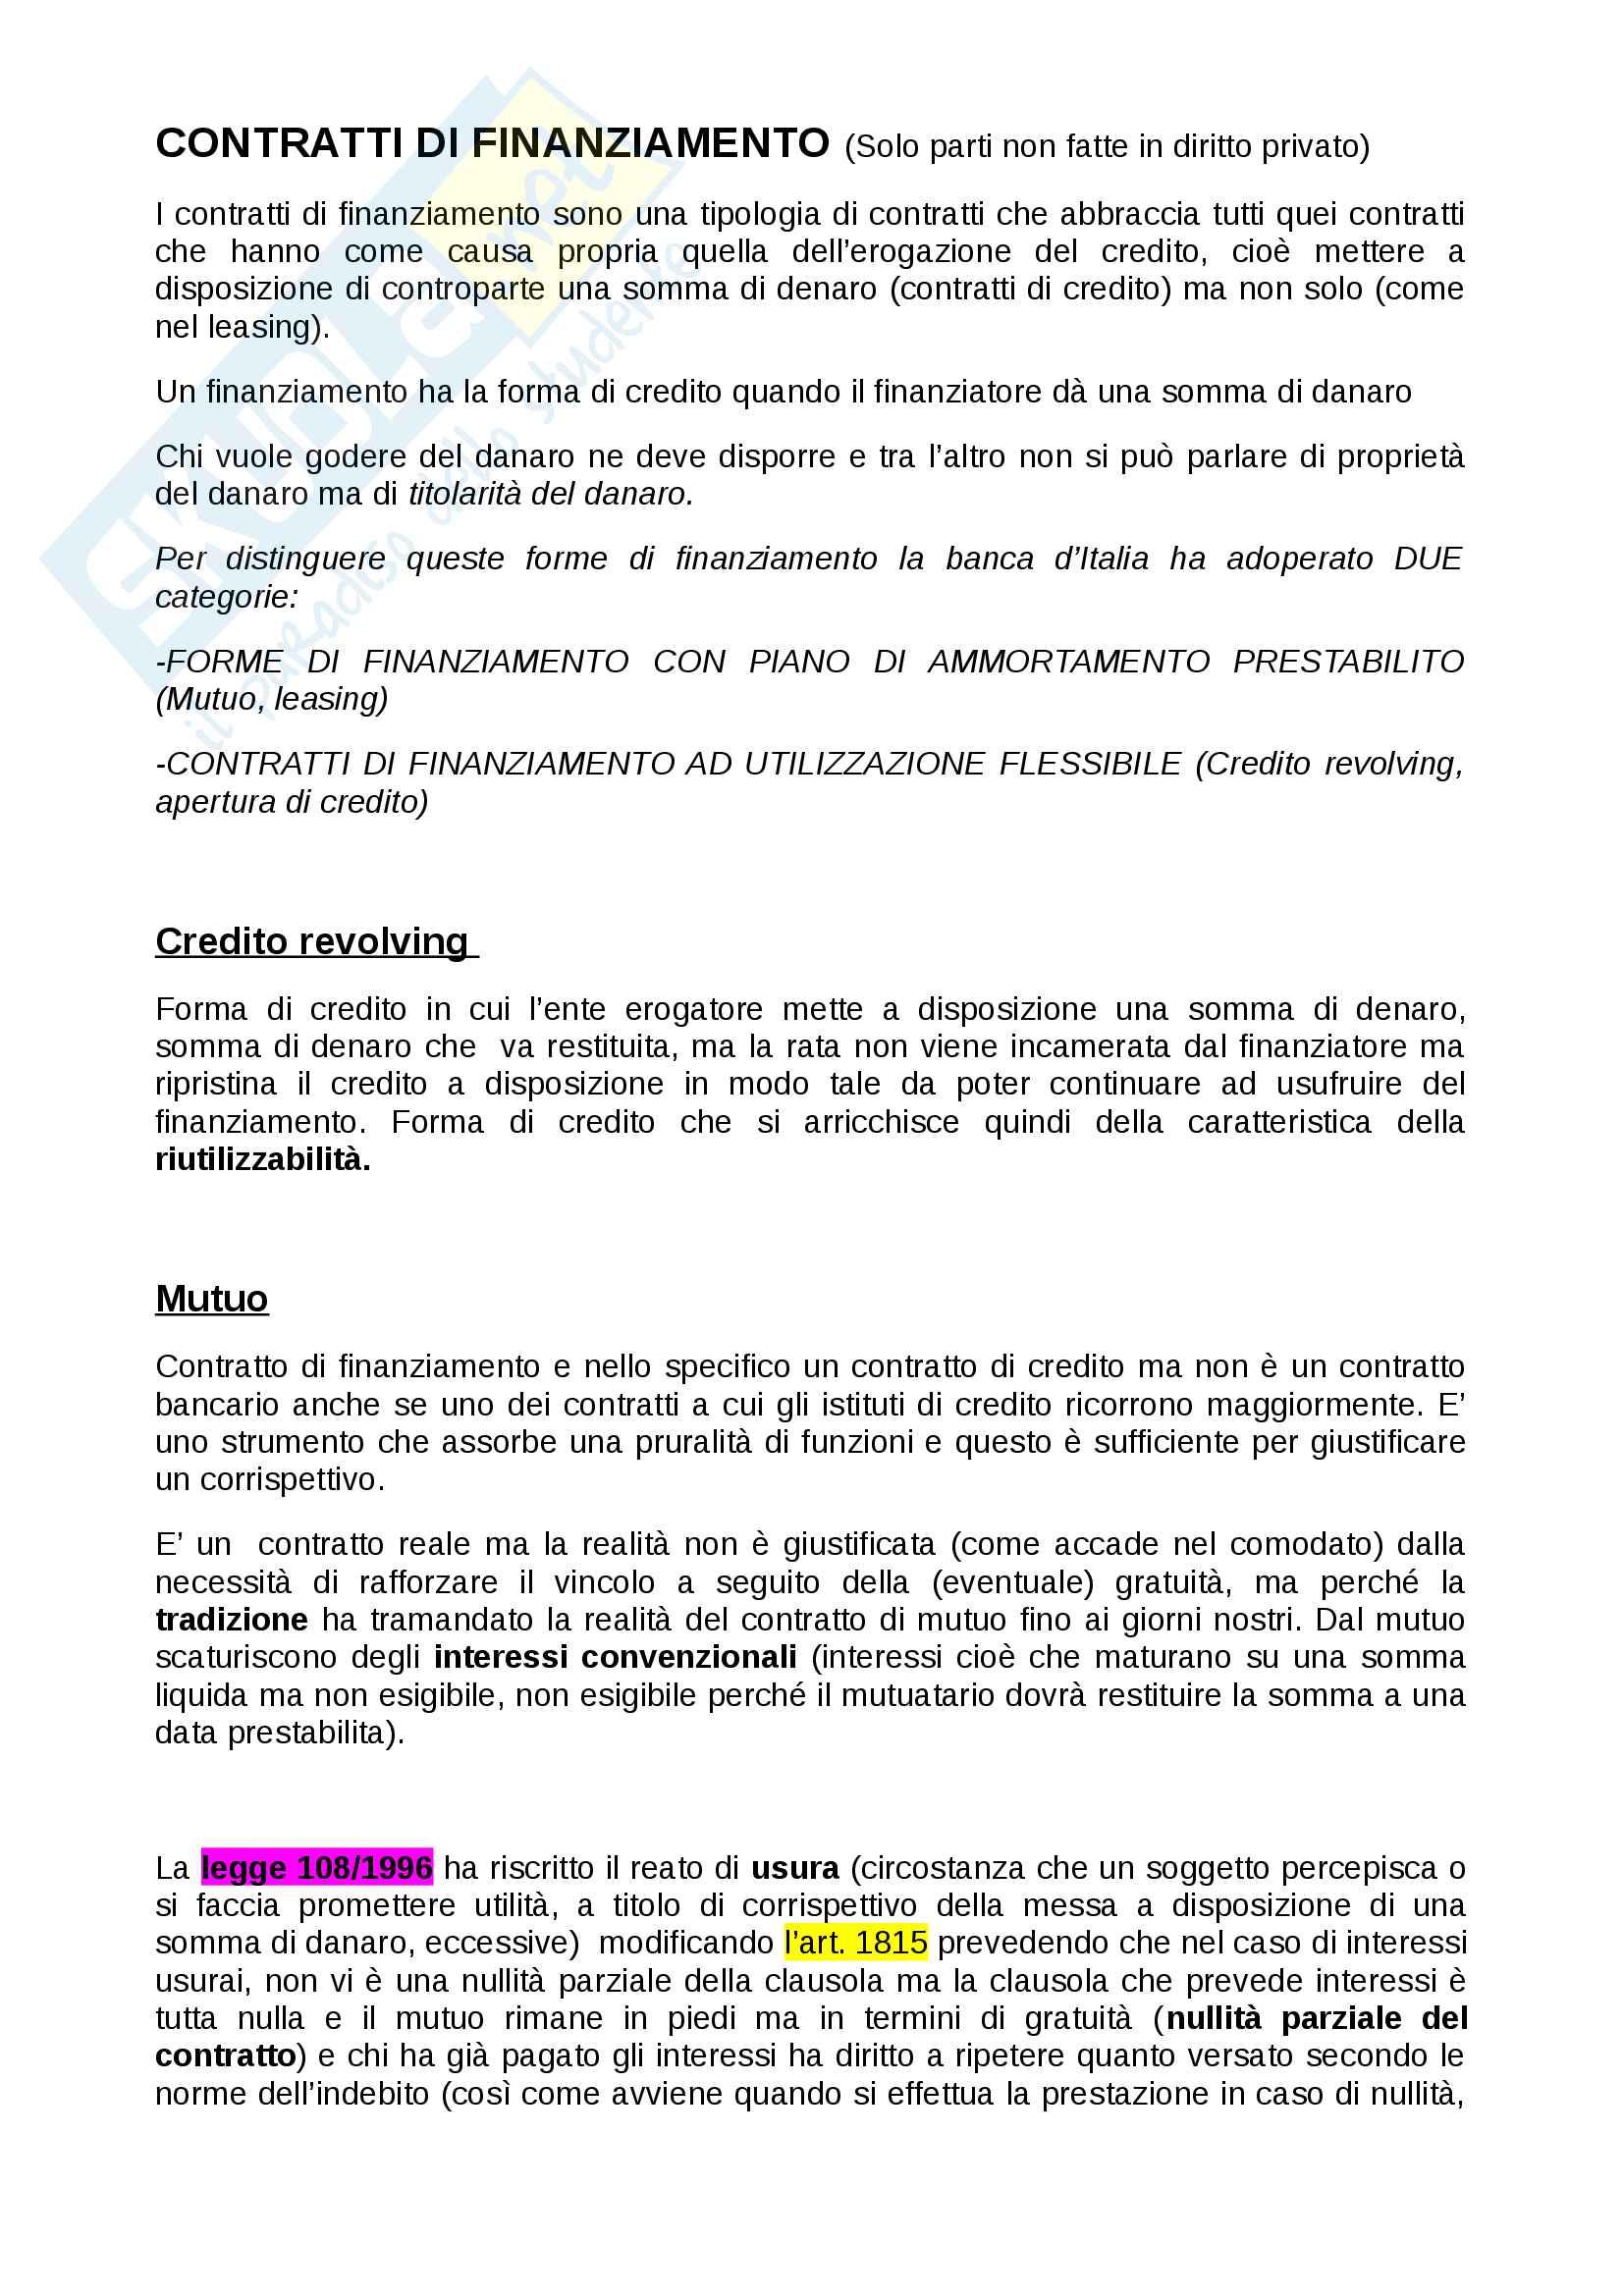 Appunti di Diritto Privato dell'Economia prof. Piranio